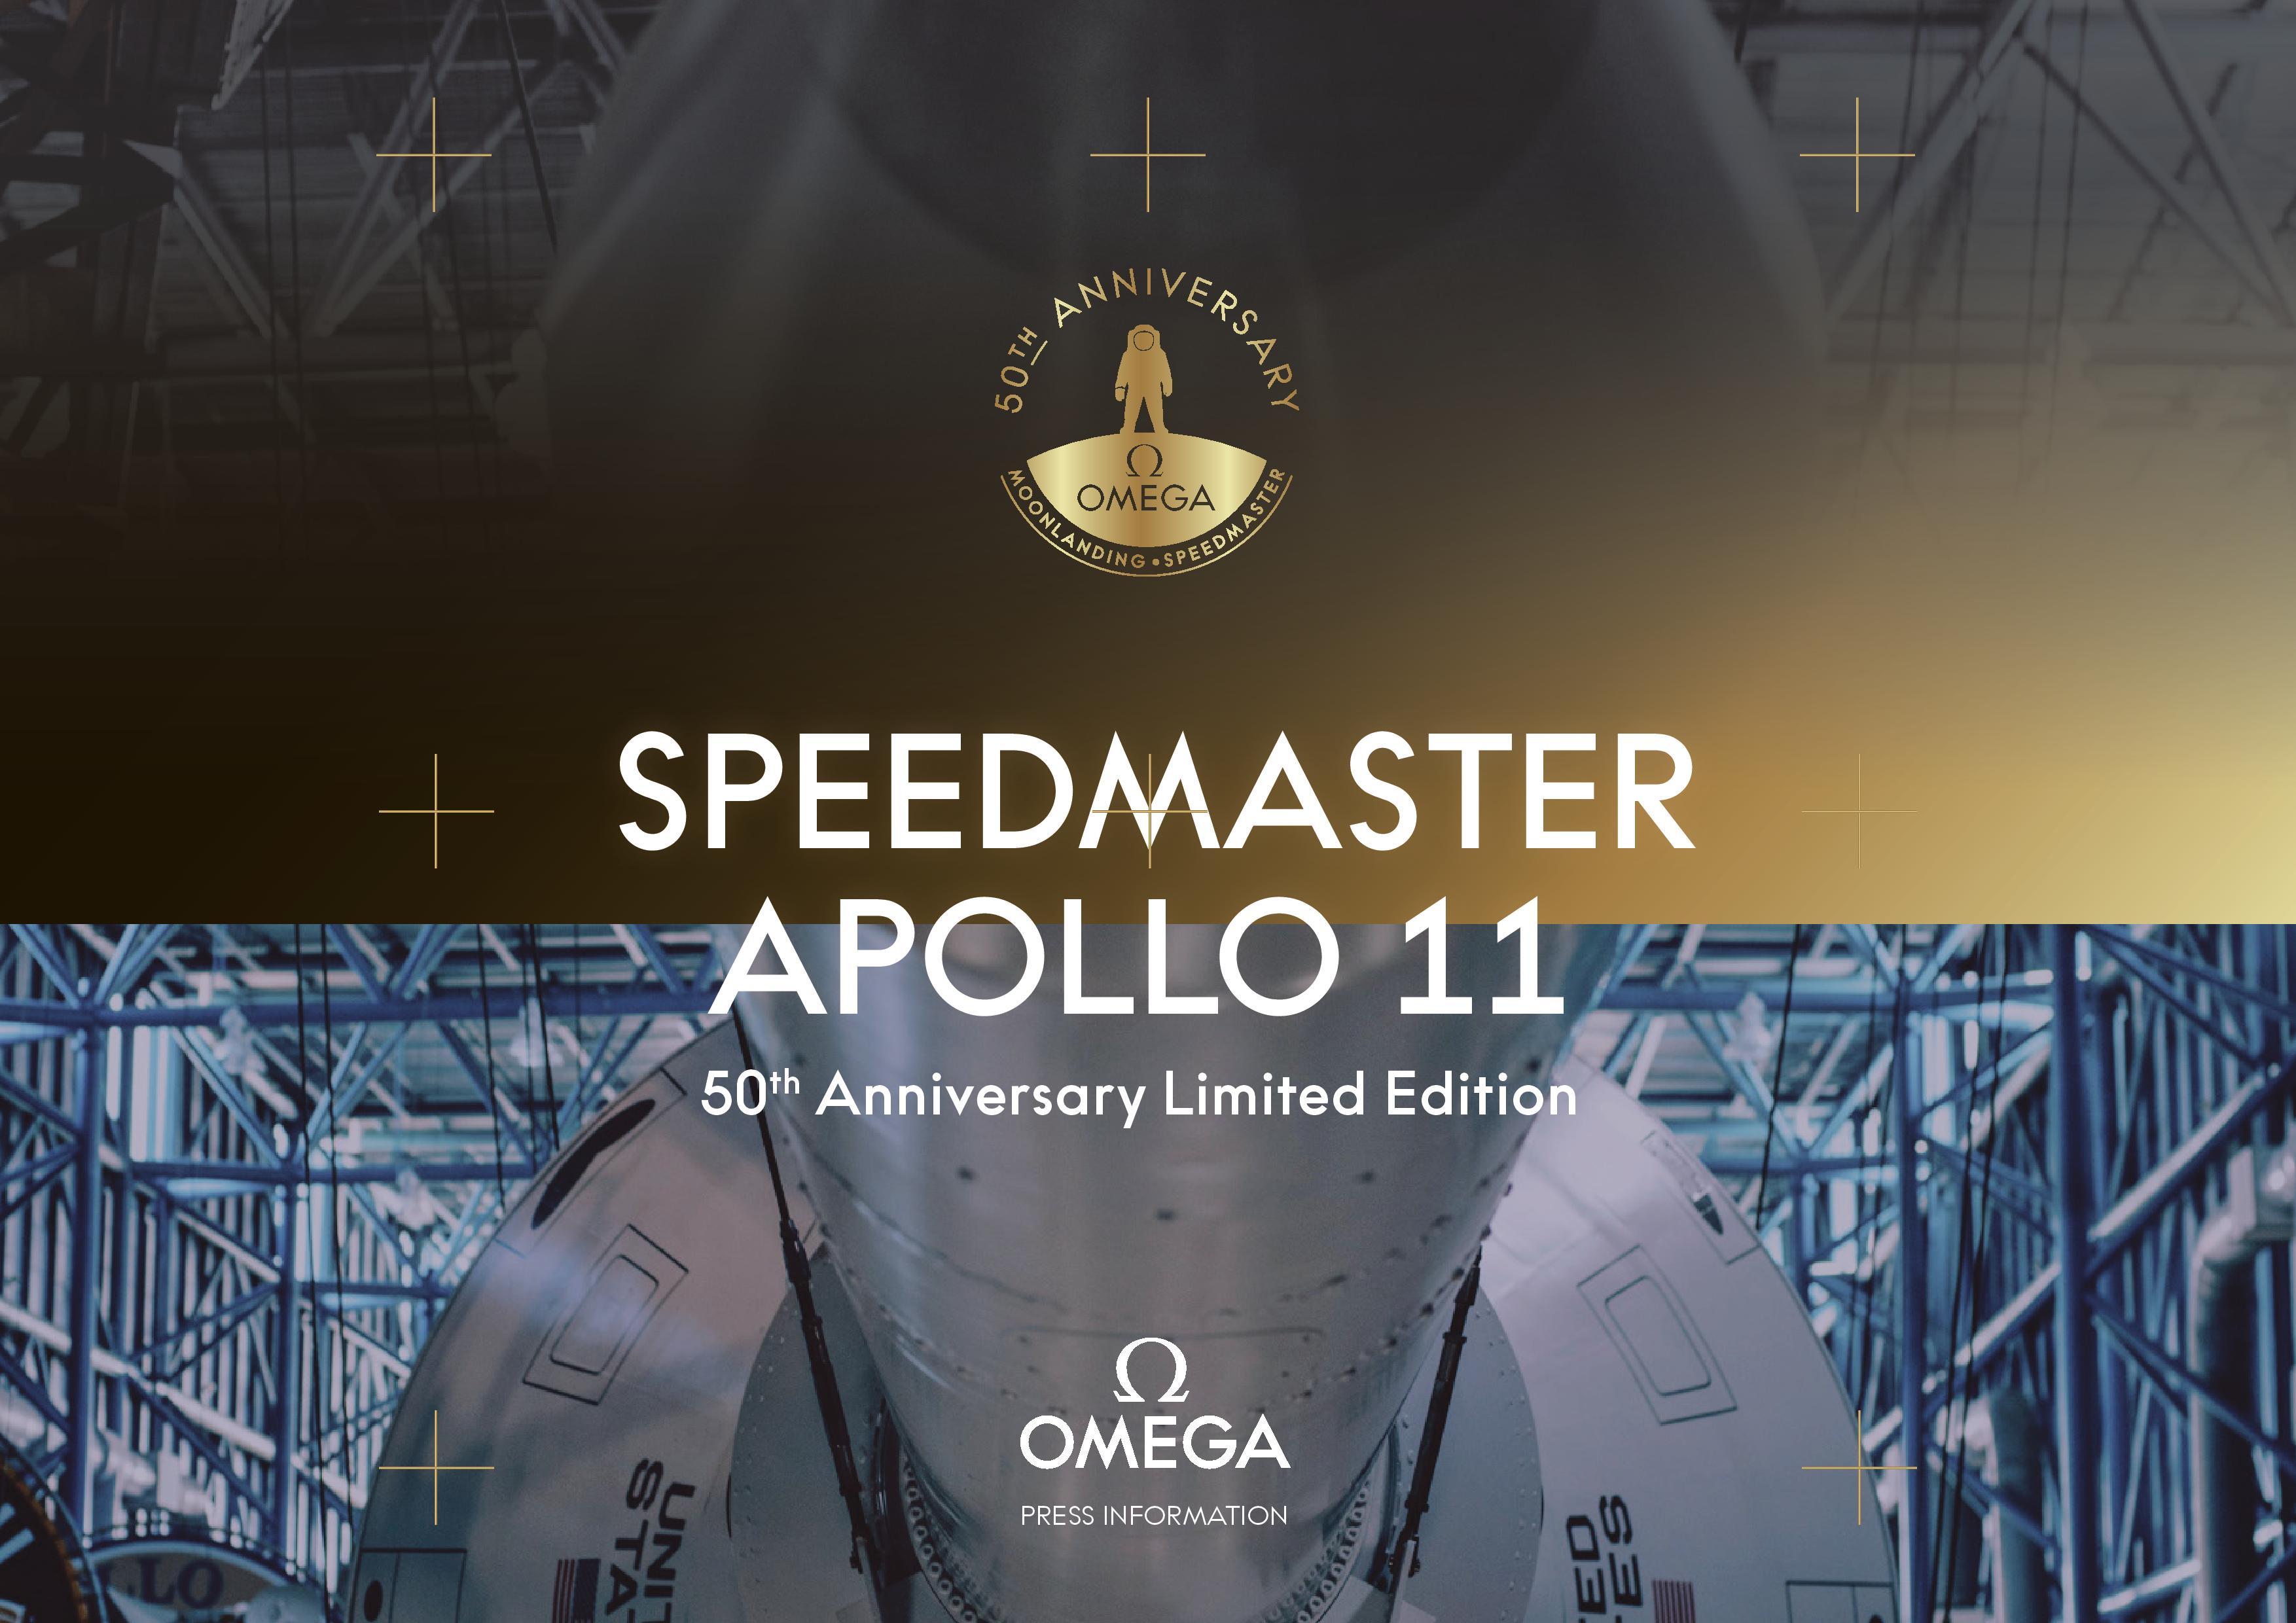 Press Release: Omega Speedmaster Apollo 11 50th Anniversary Limited Edition